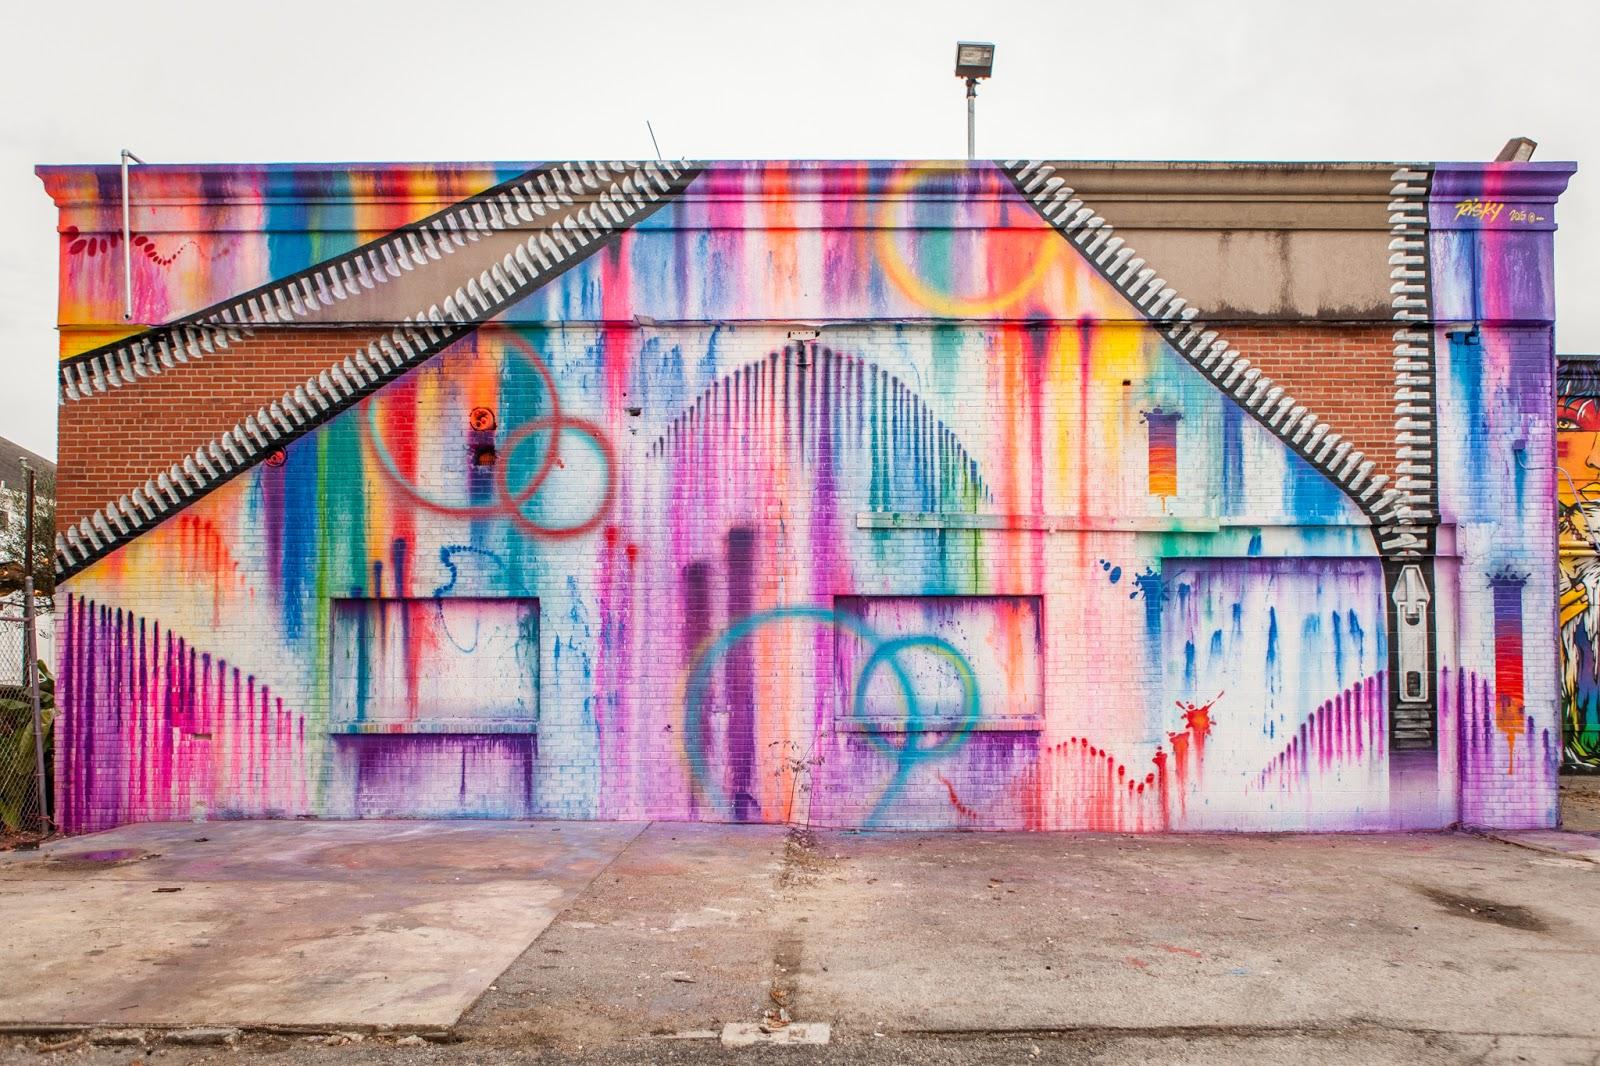 Coverage Hue Mural Festival in Houston Texas StreetArtNews